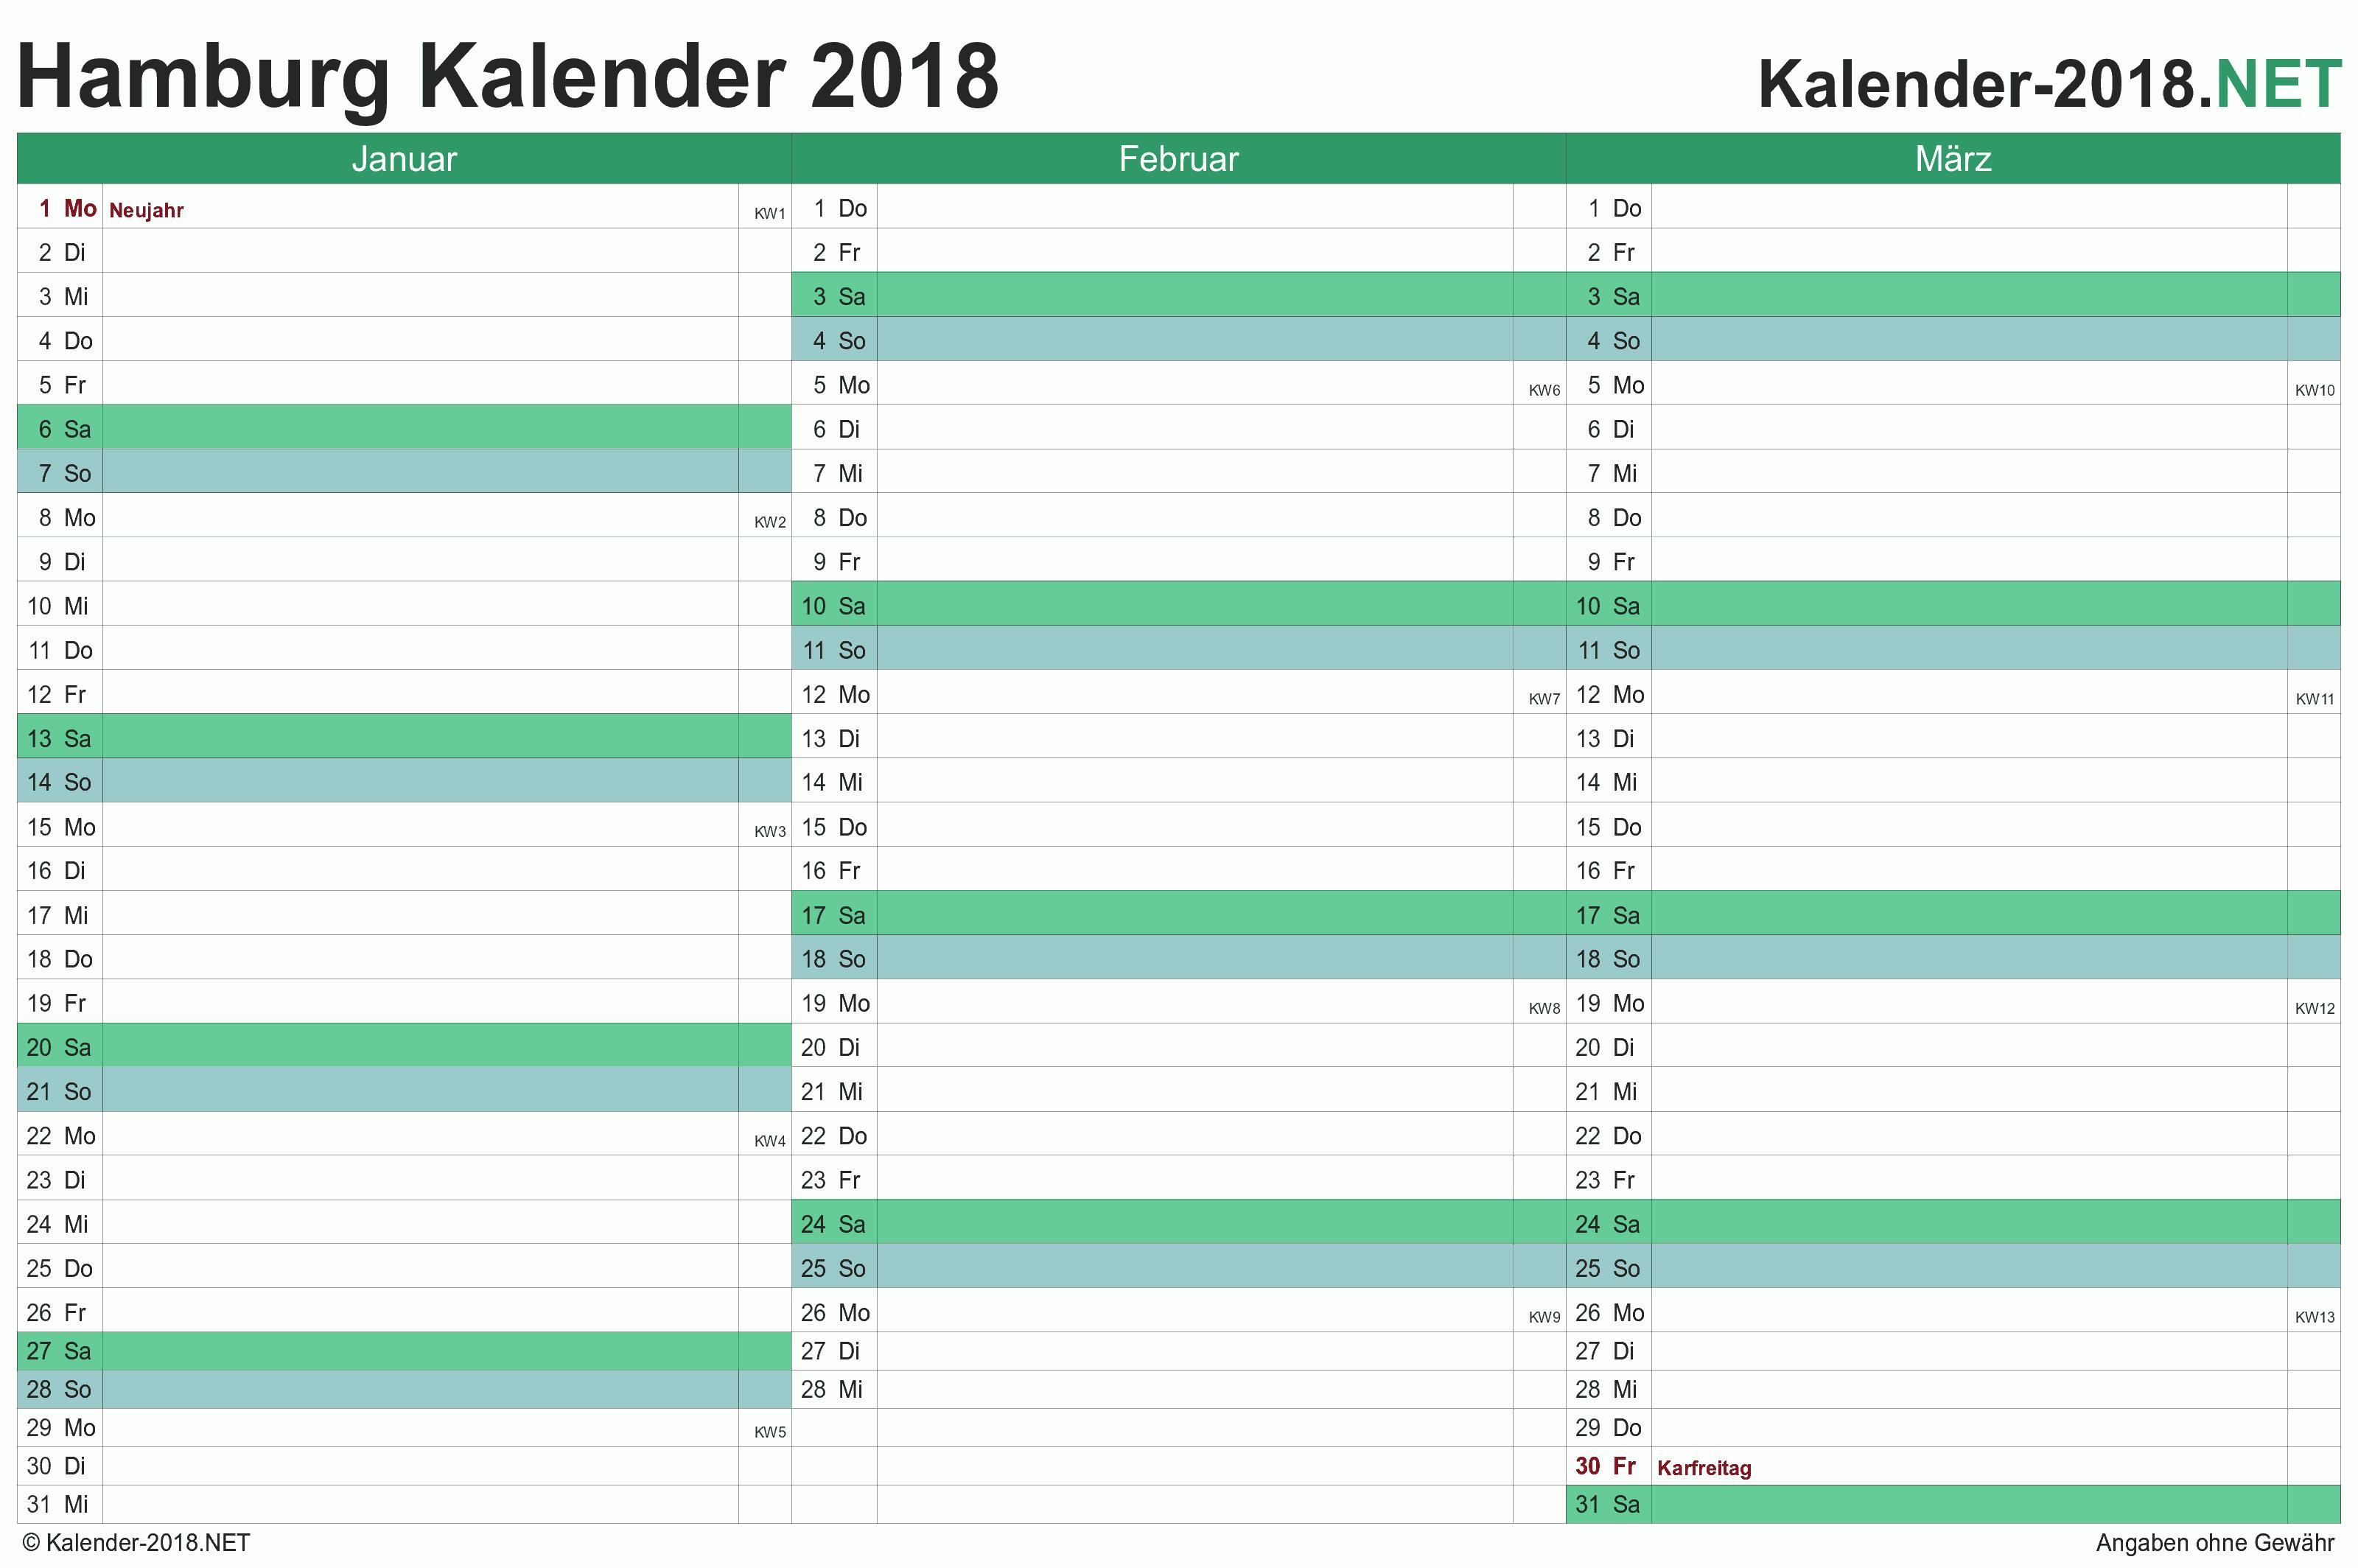 Kalender 2018 Hamburg